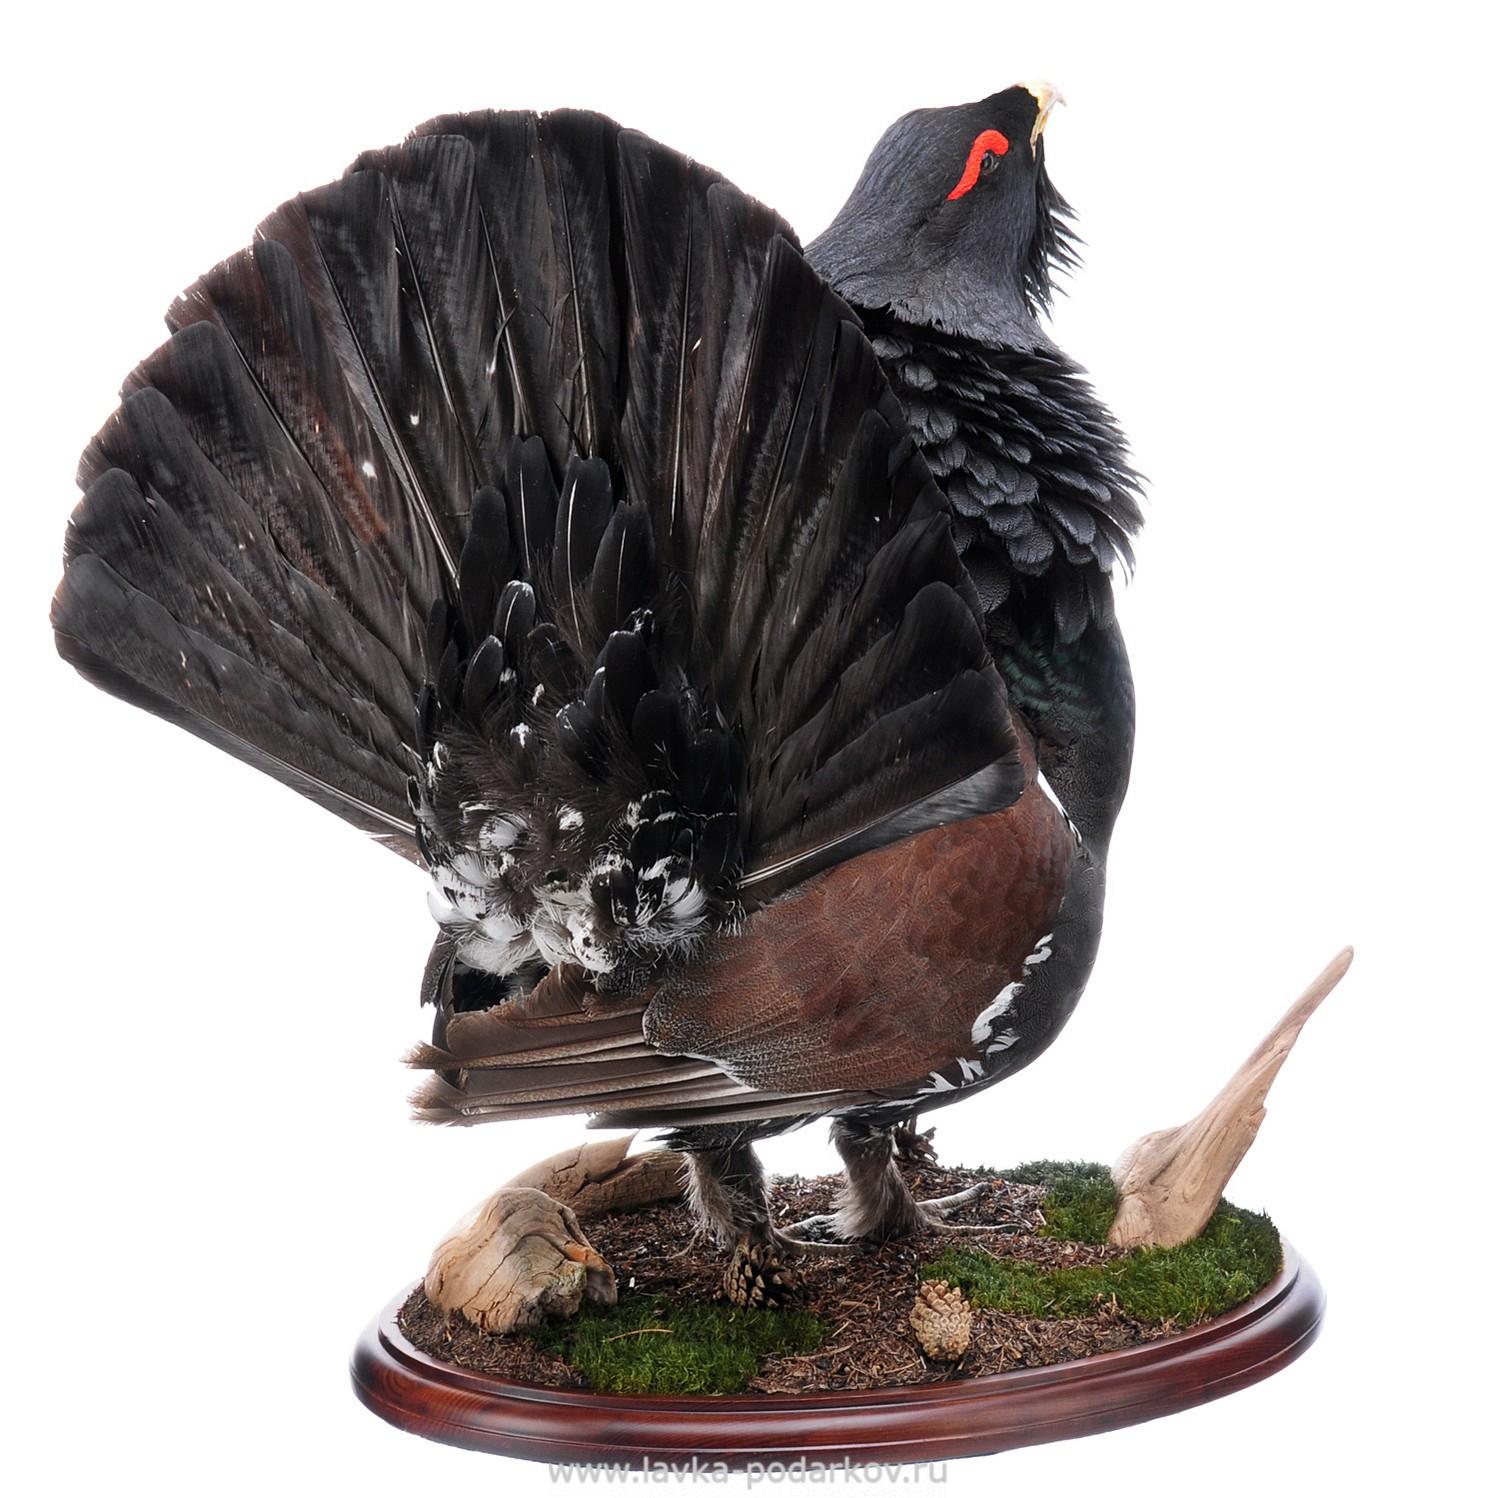 чучела птиц фото верхней фотографии рижская